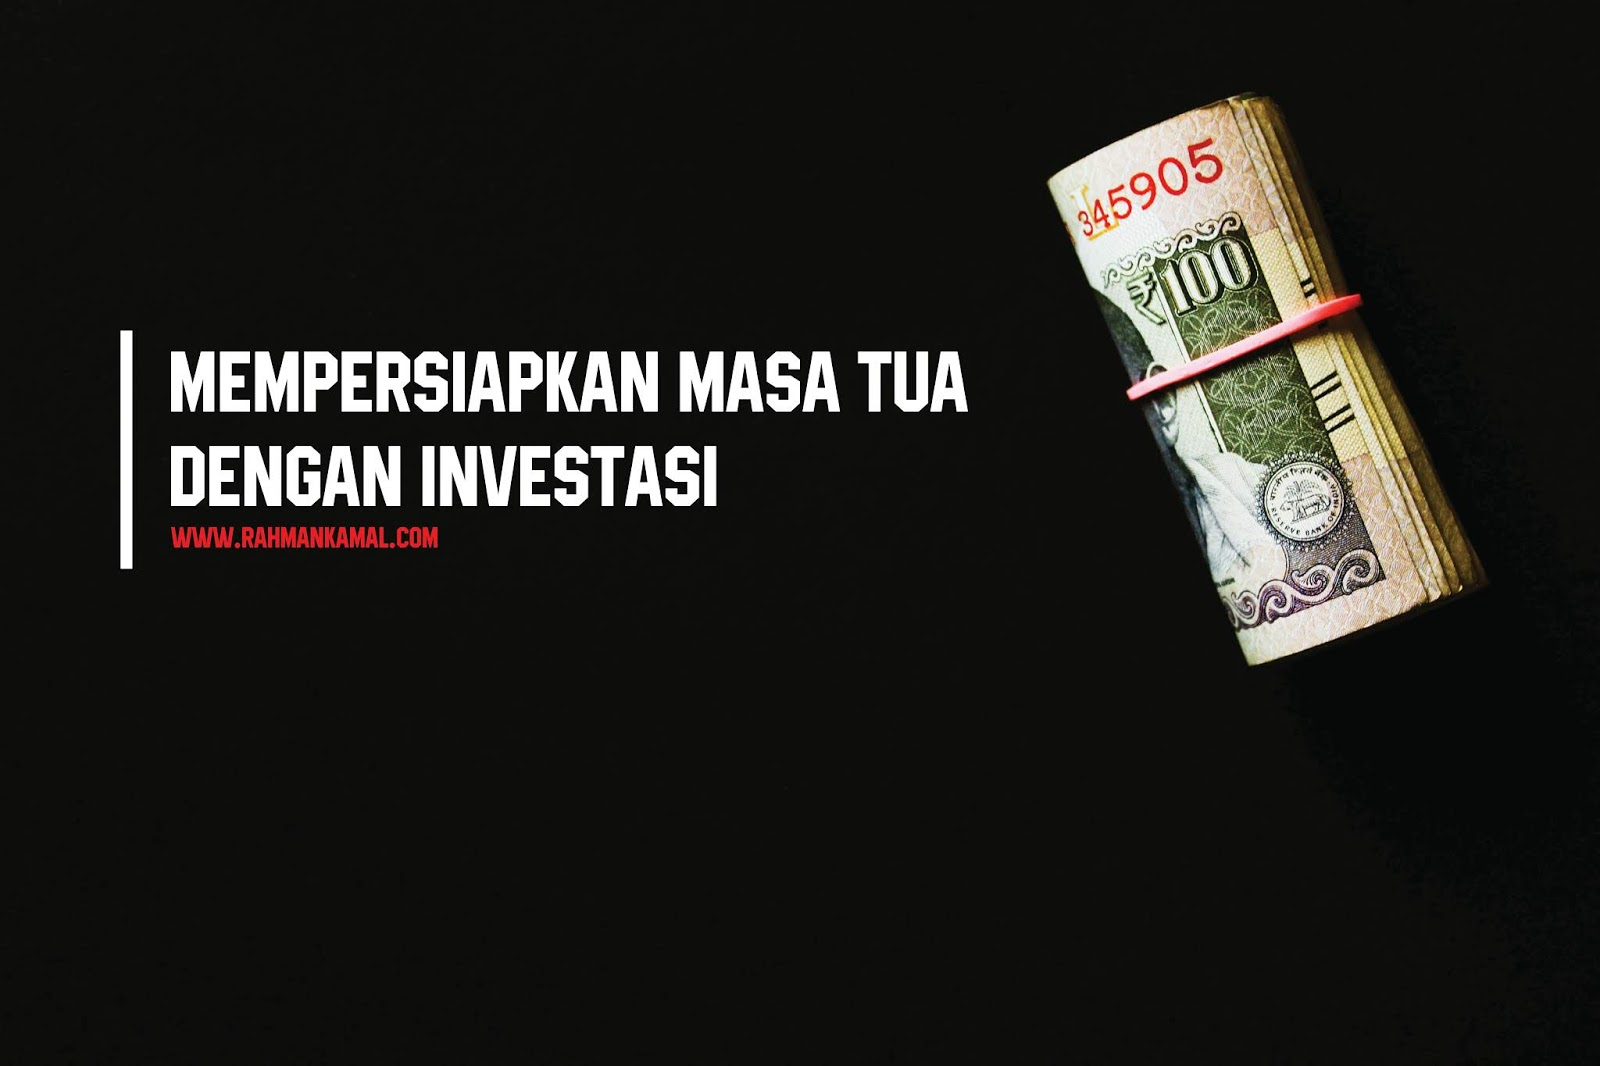 Daftar Investasi Masa Tua Yang Paling Menjanjikan